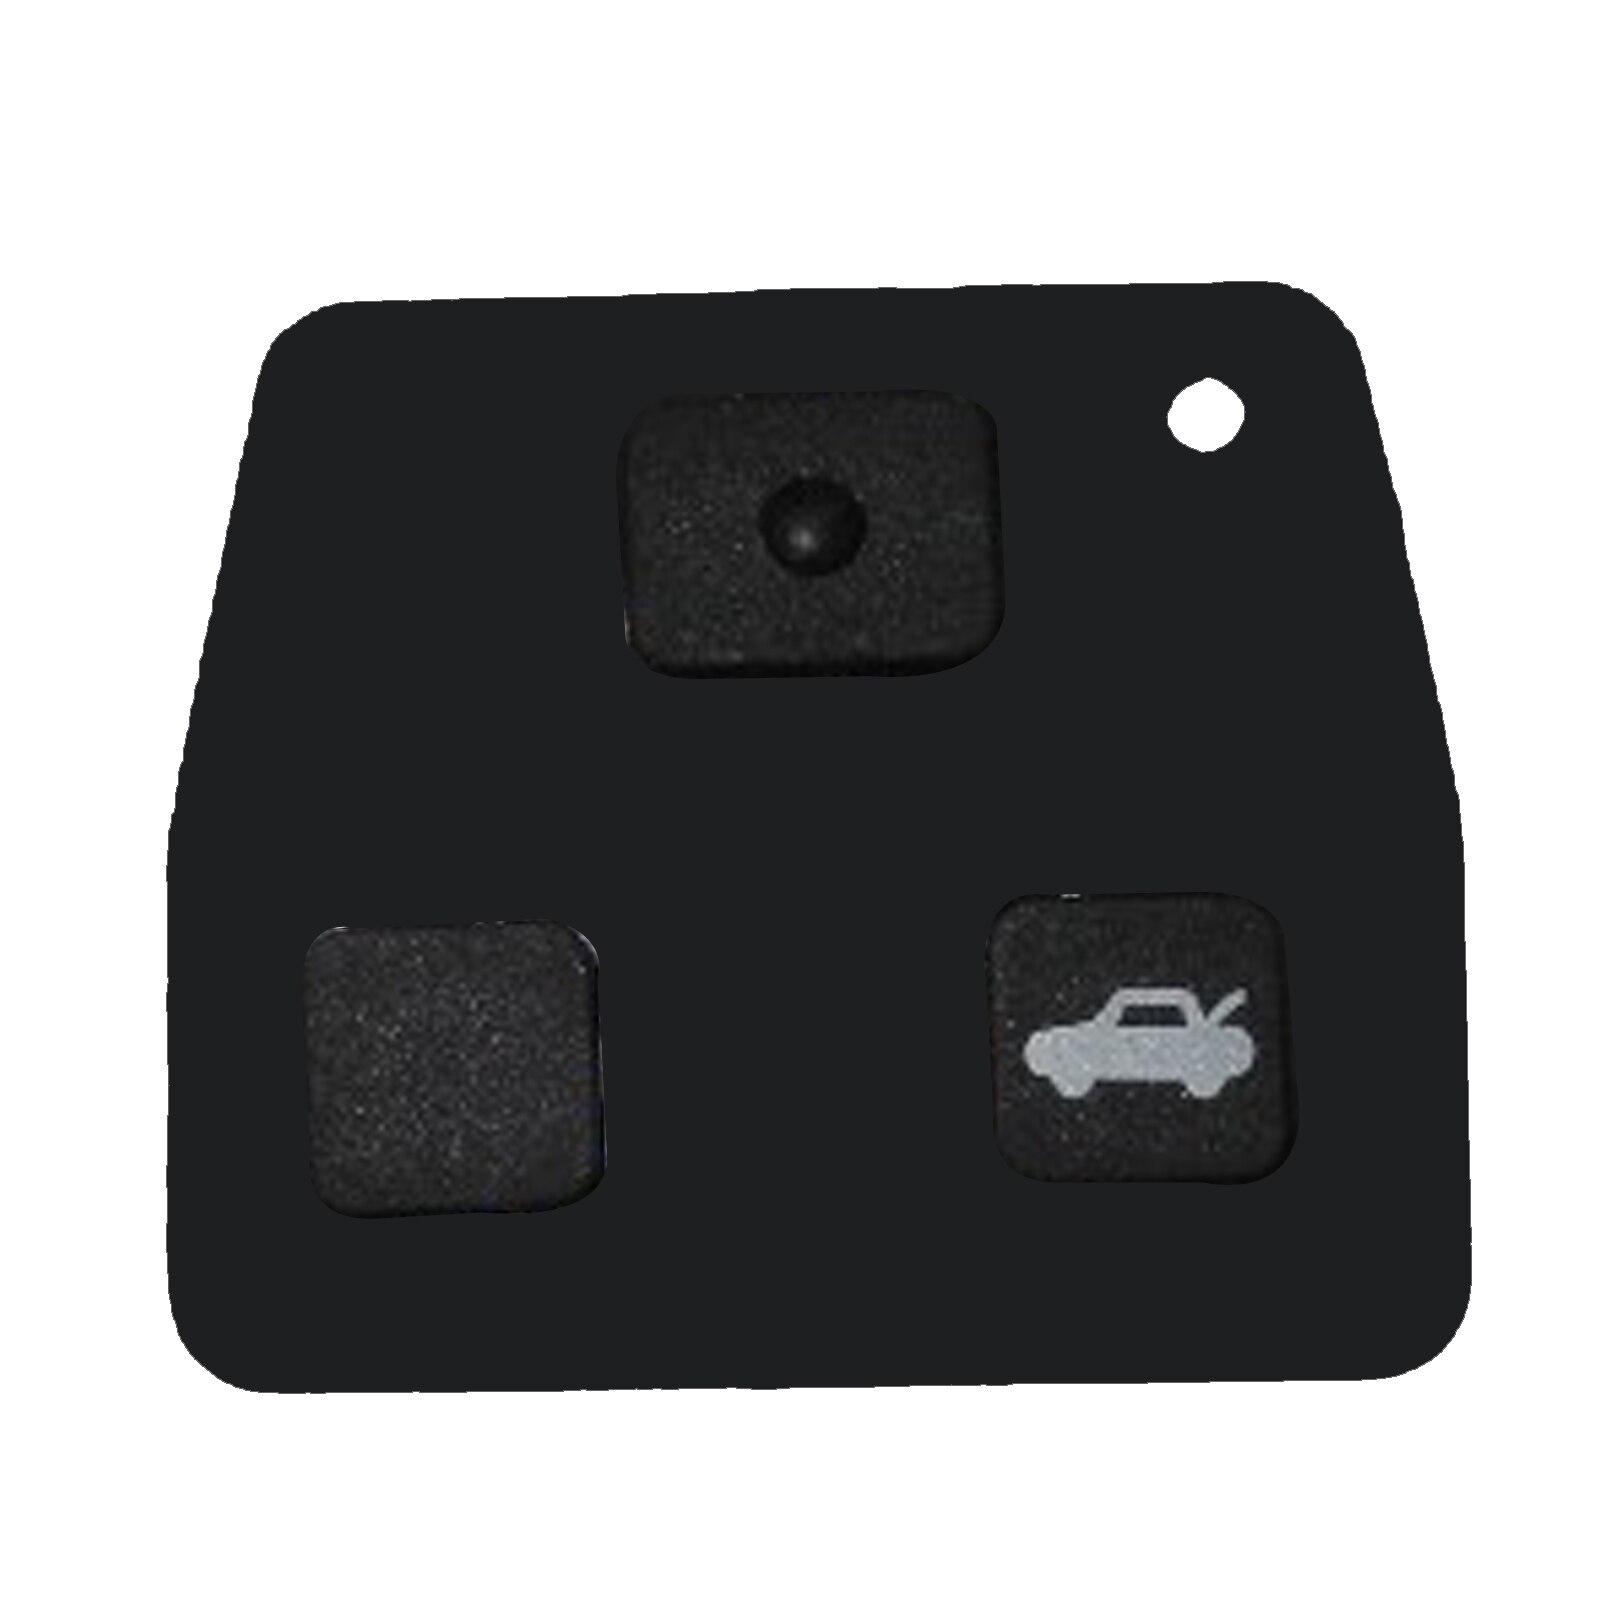 2t llave de repuesto control remoto carcasa para toyota aygo batería 2x sonda